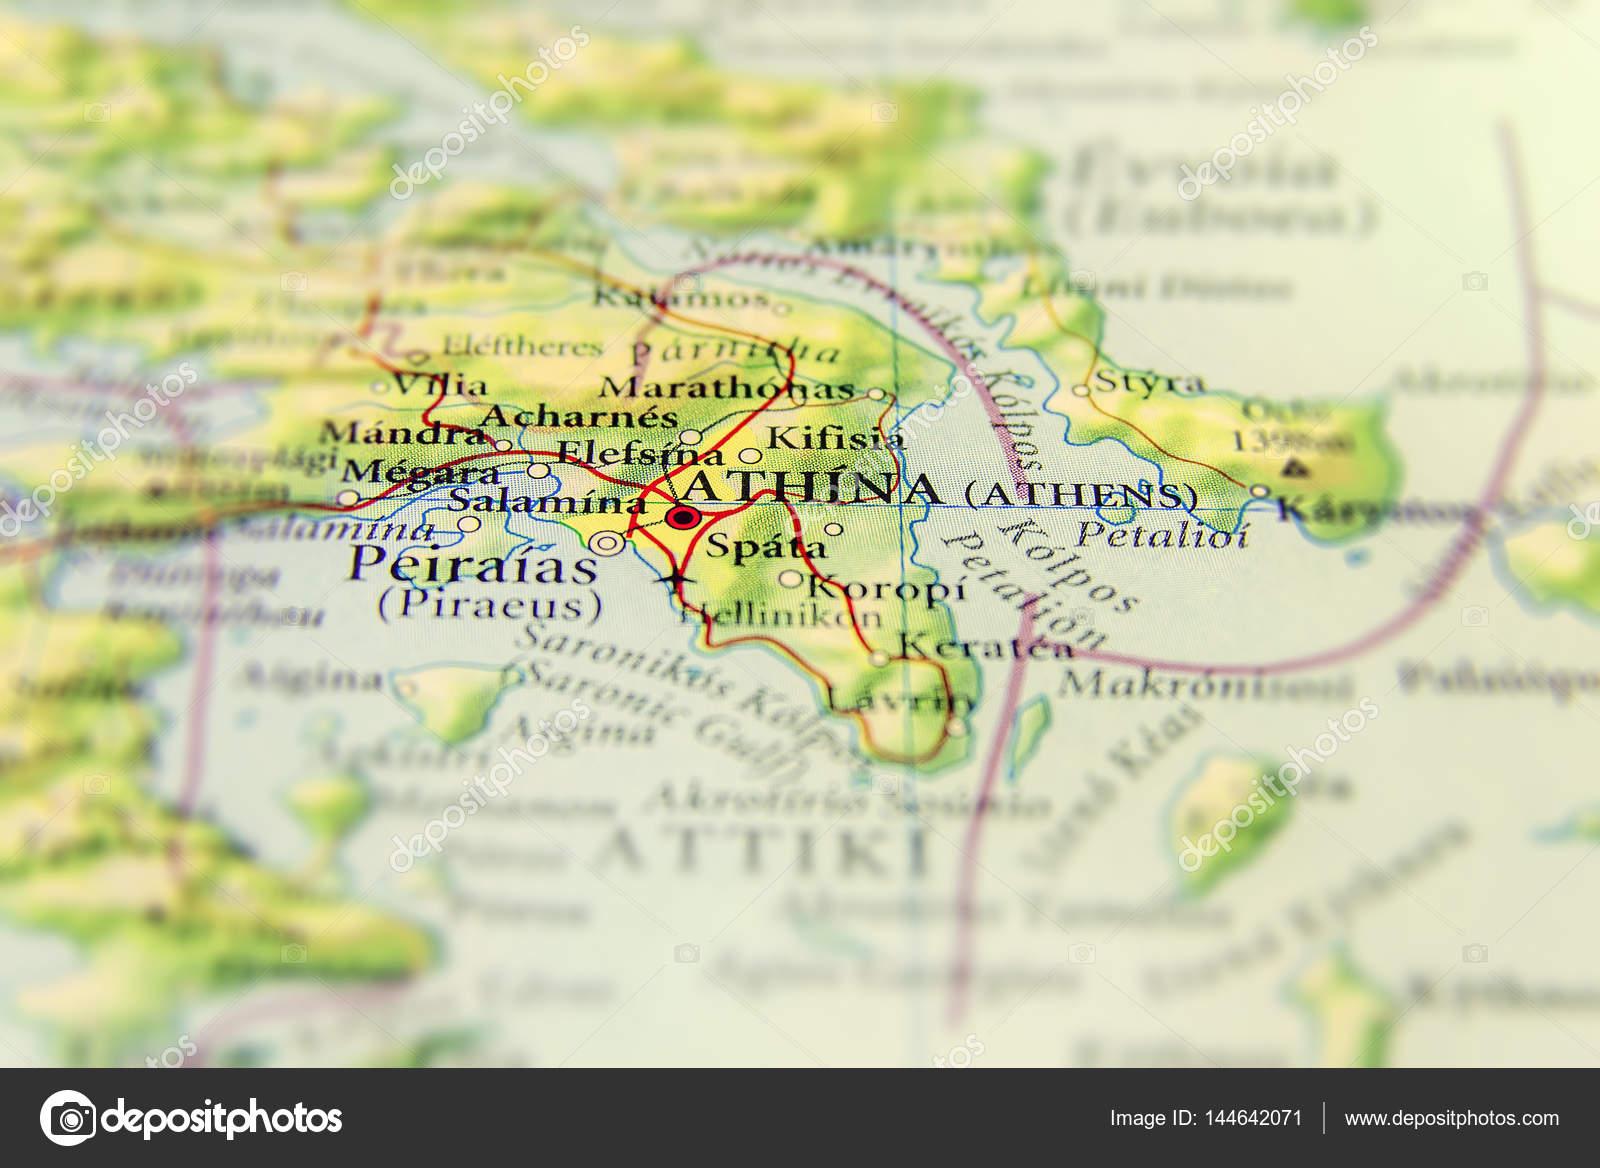 Karta Aten Grekland.Geografiska Karta Over Europeiskt Land Grekland Med Aten